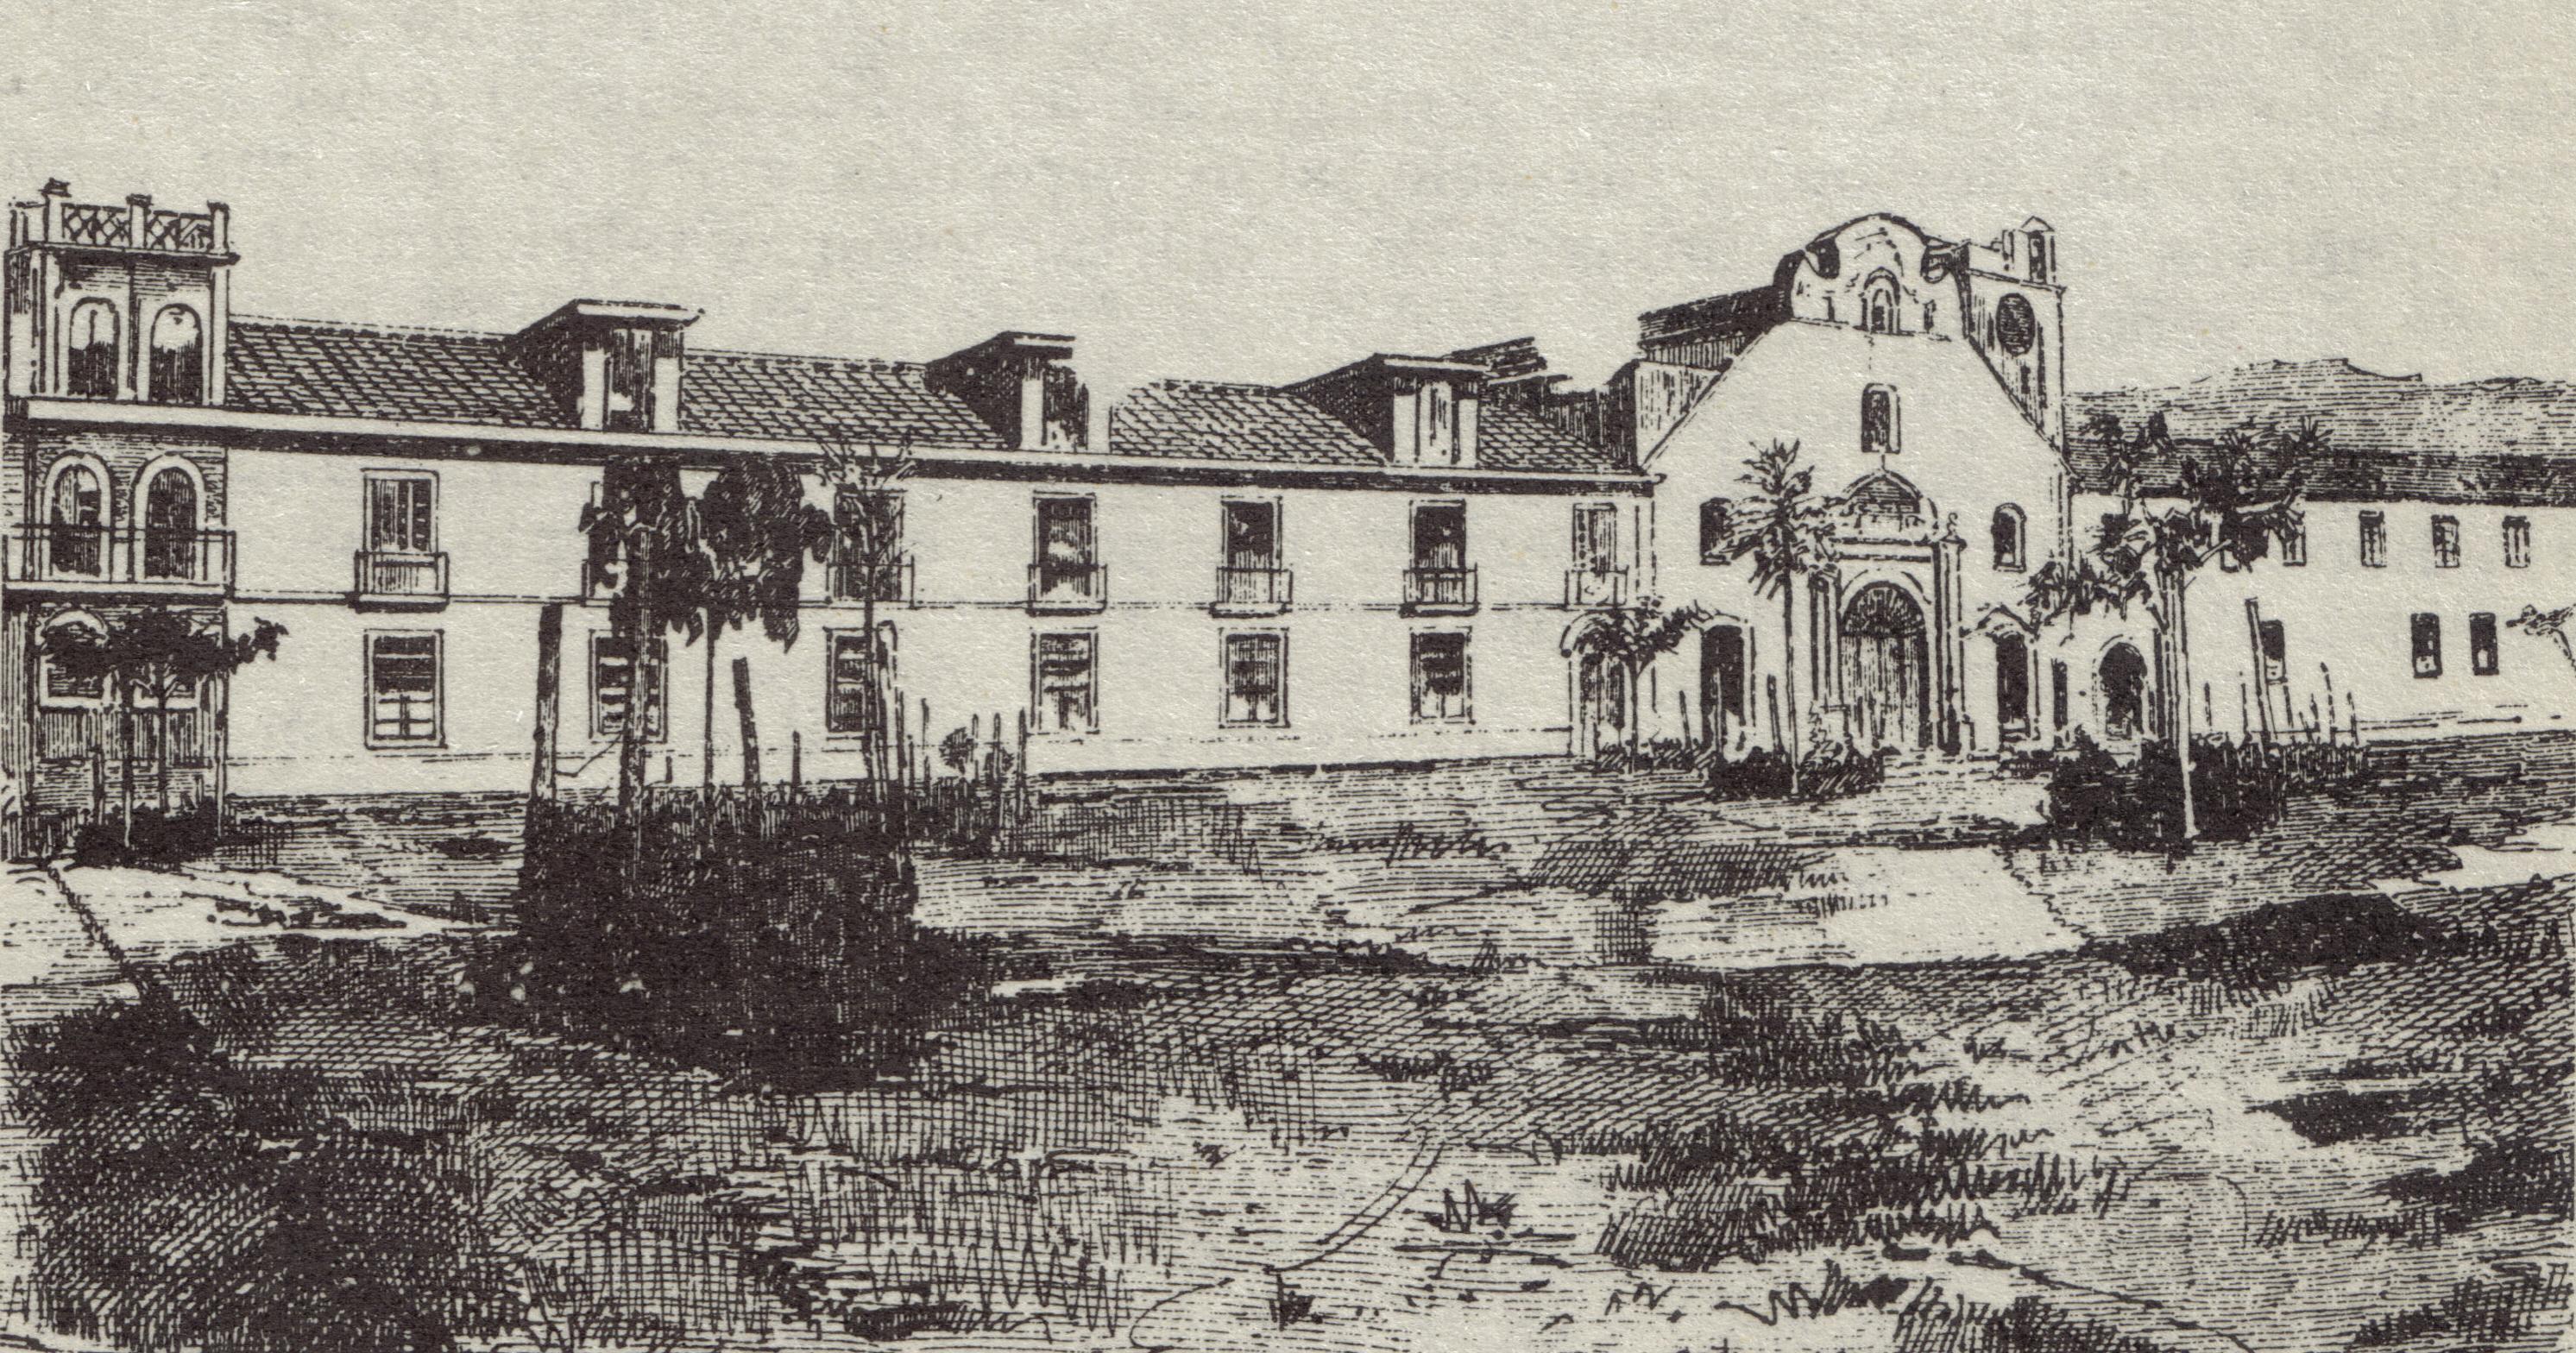 La hacienda hotel casino 10